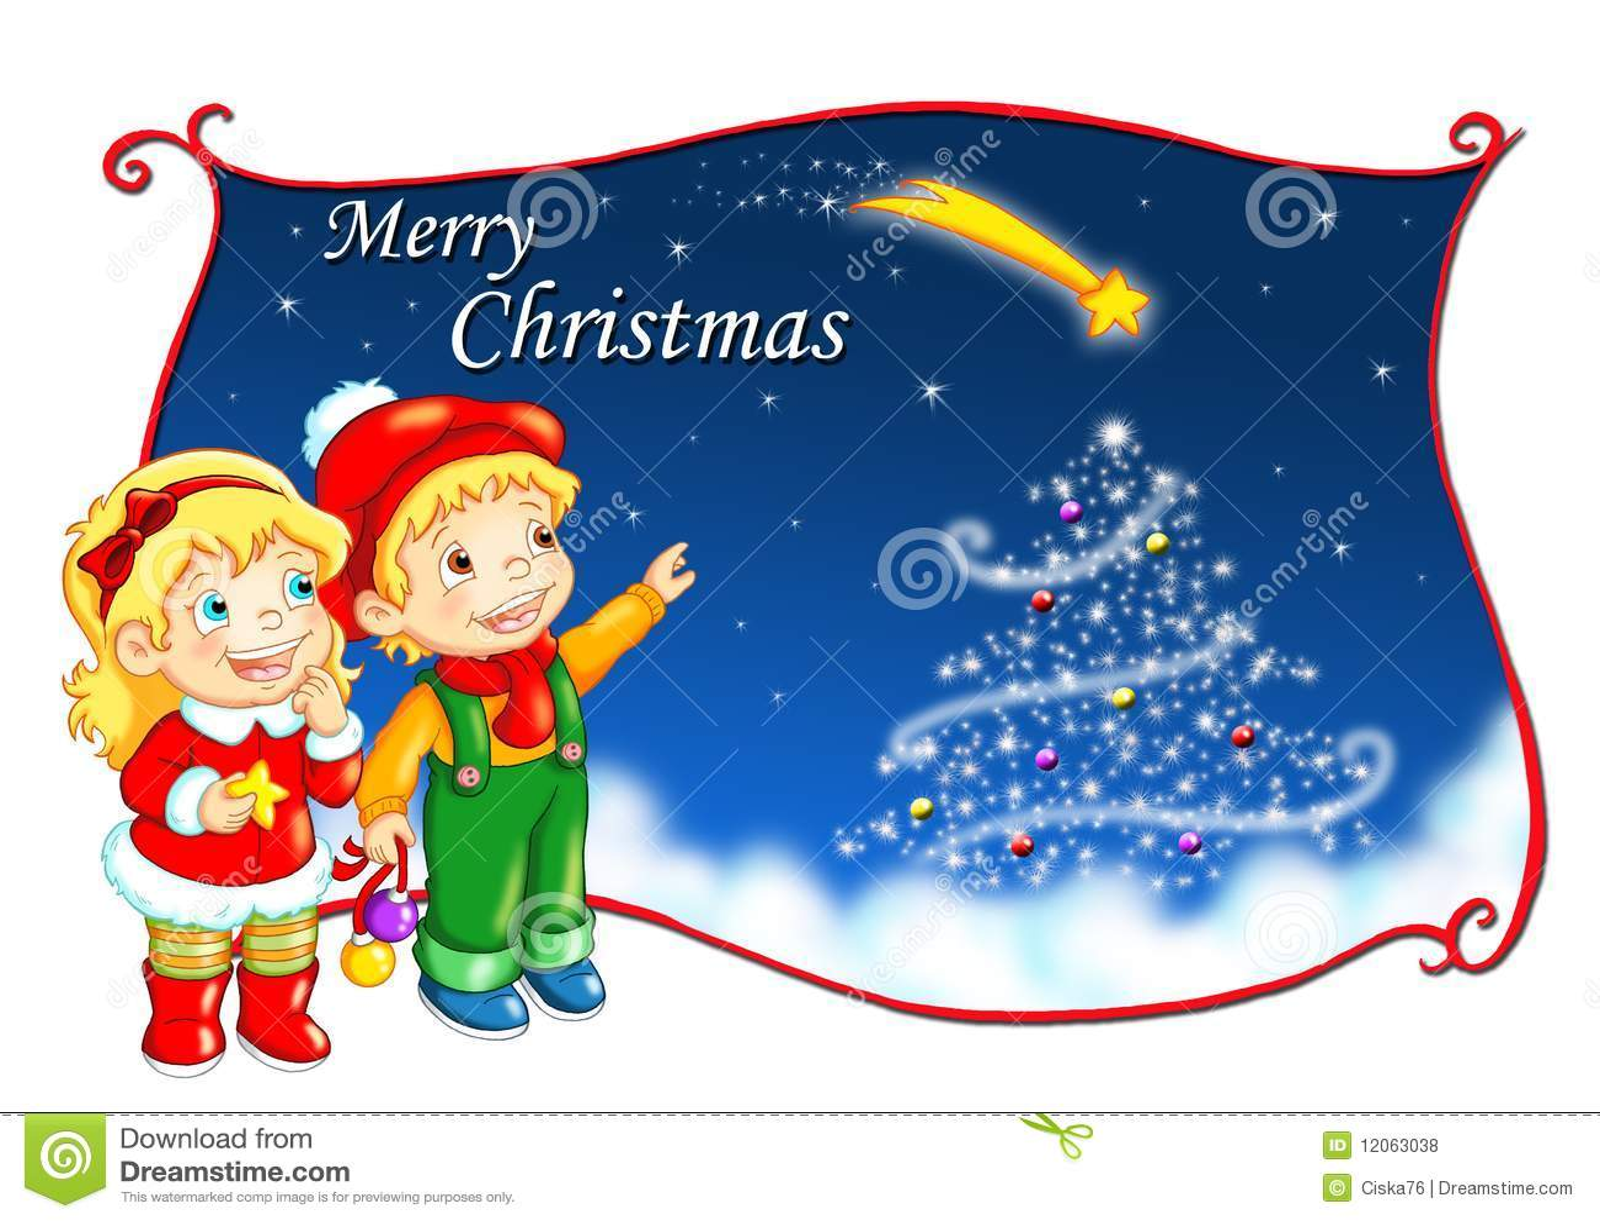 Frohe Weihnachten stock abbildung. Illustration von hintergrund ...